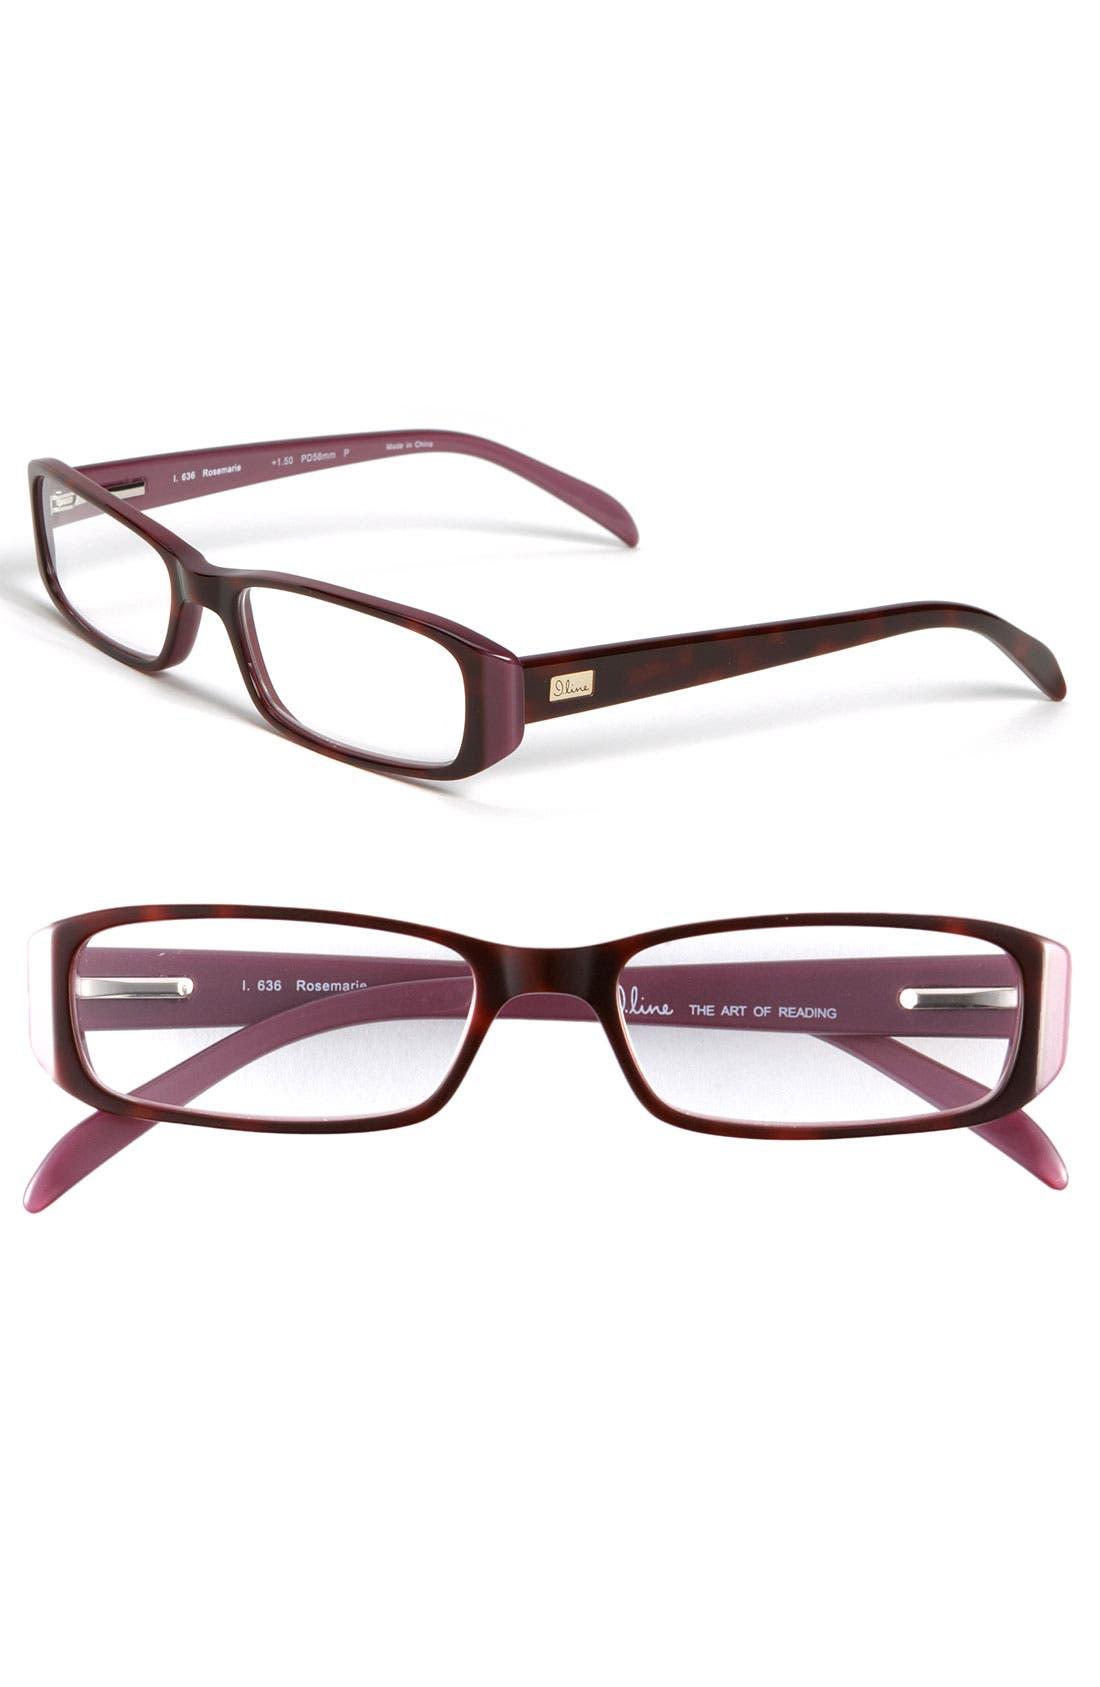 Main Image - I Line Eyewear 'Rosemarie' Reading Glasses